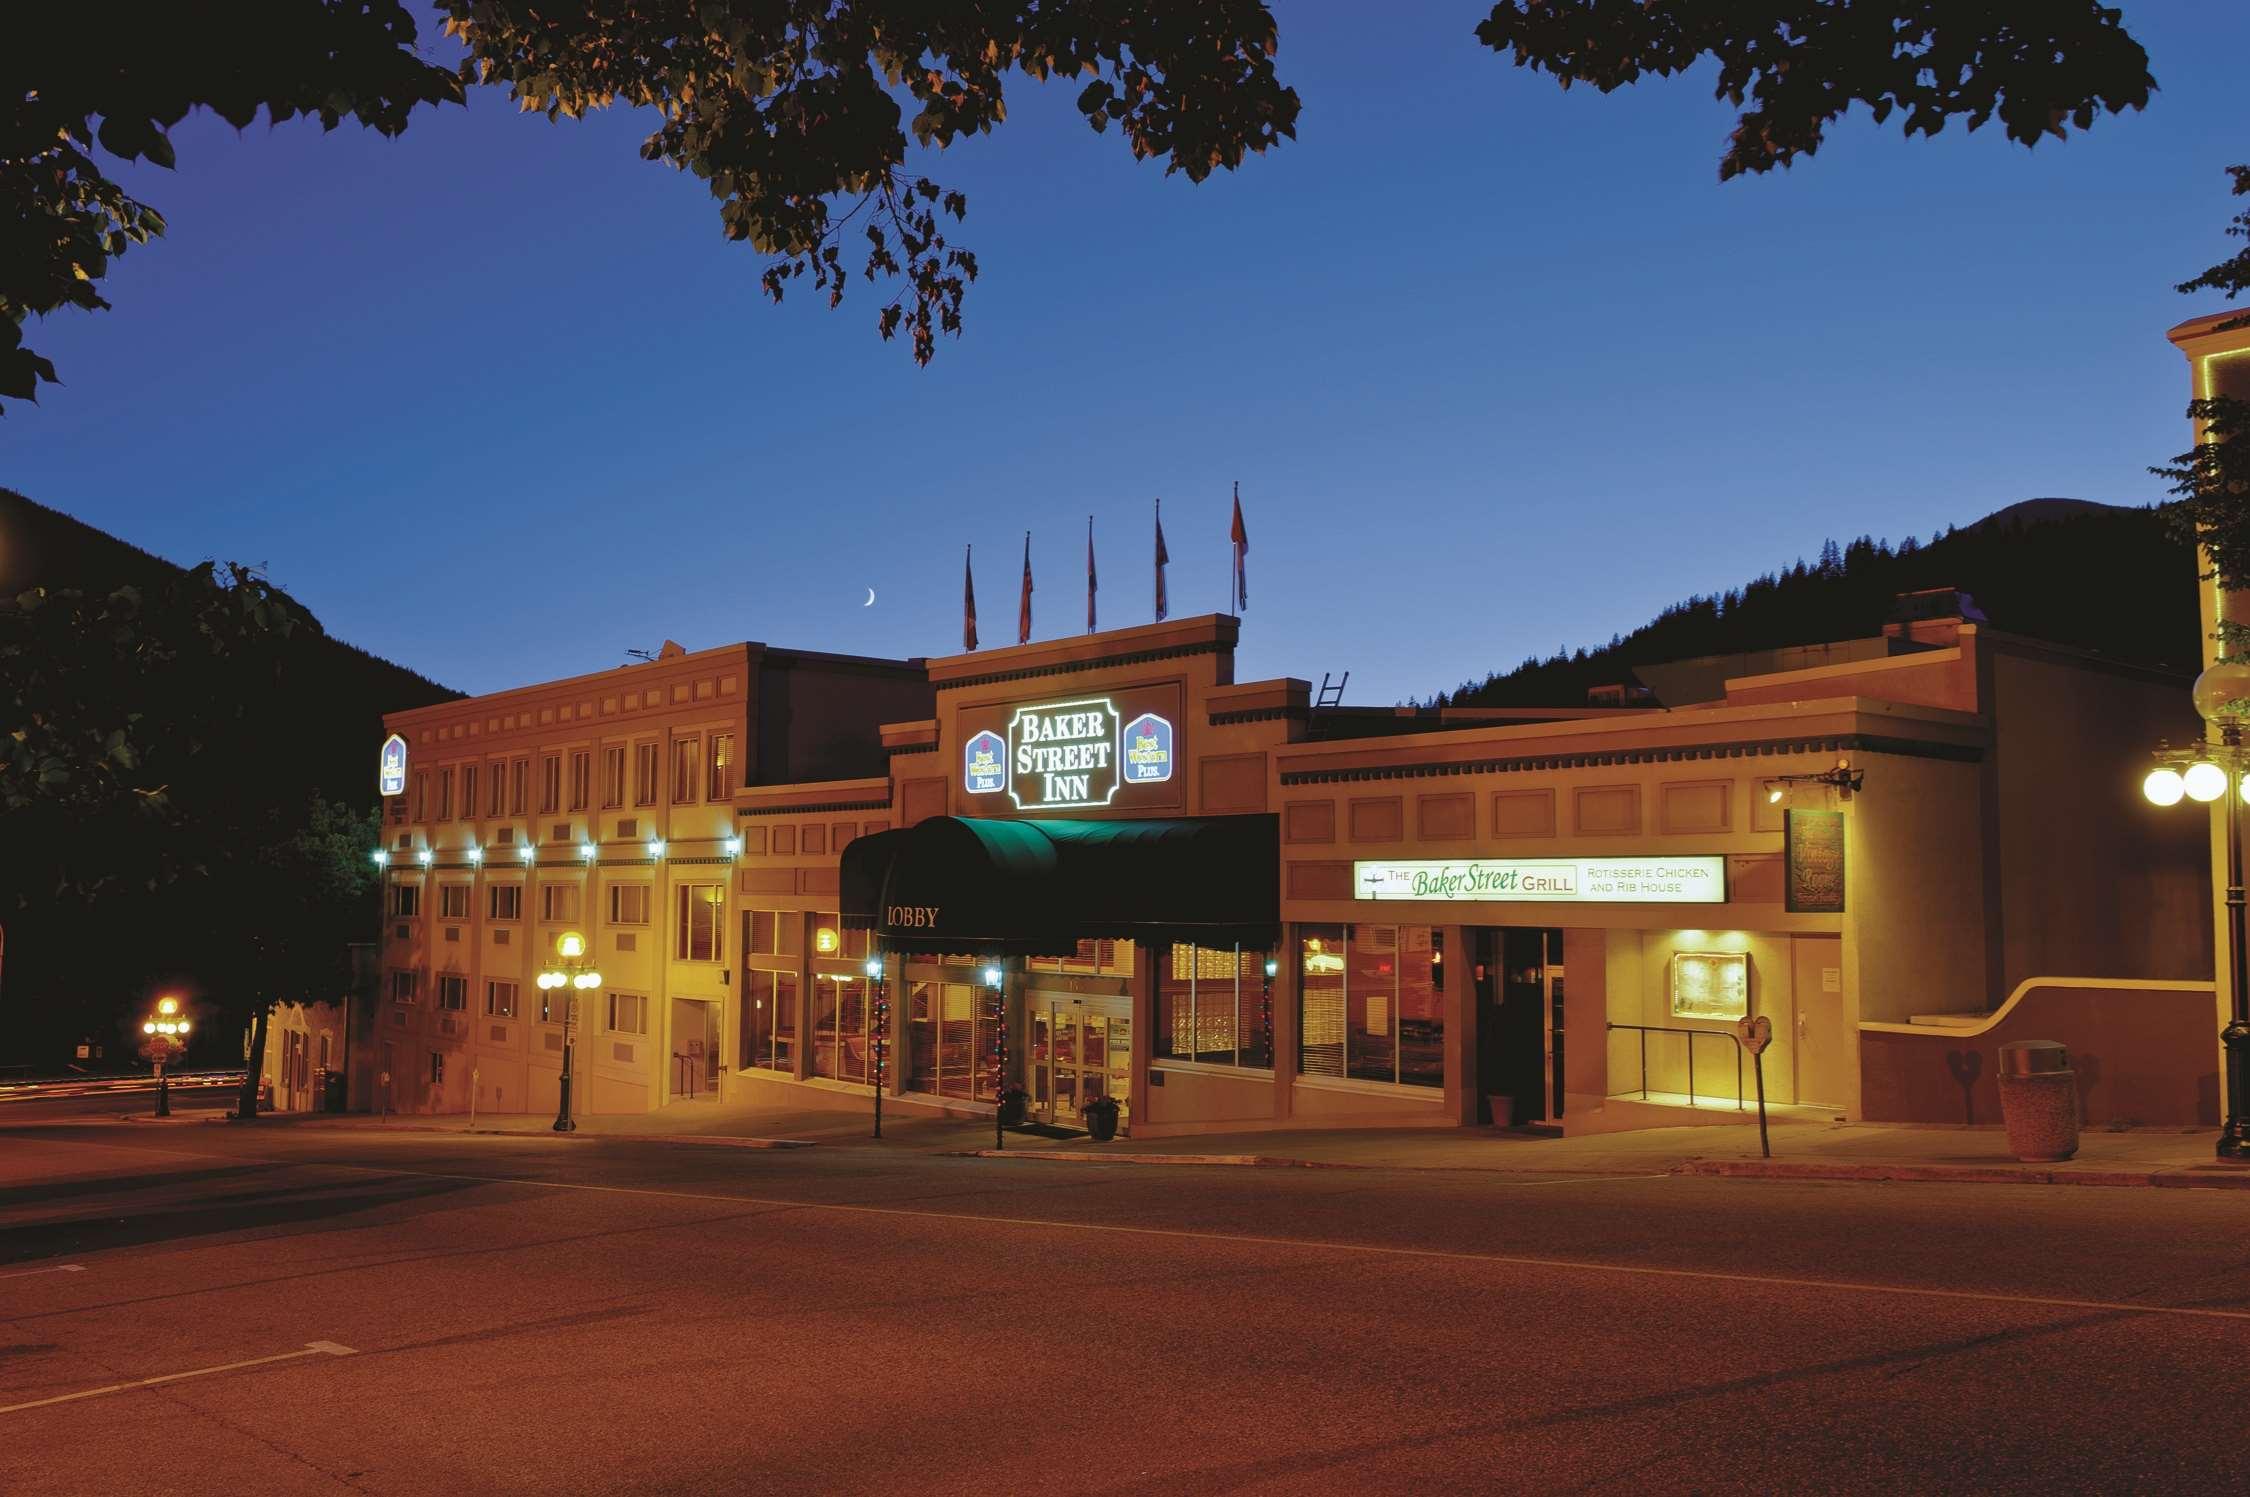 Best Western Plus Baker Street Inn & Convention Centre in Nelson: Moonlit Baker Street